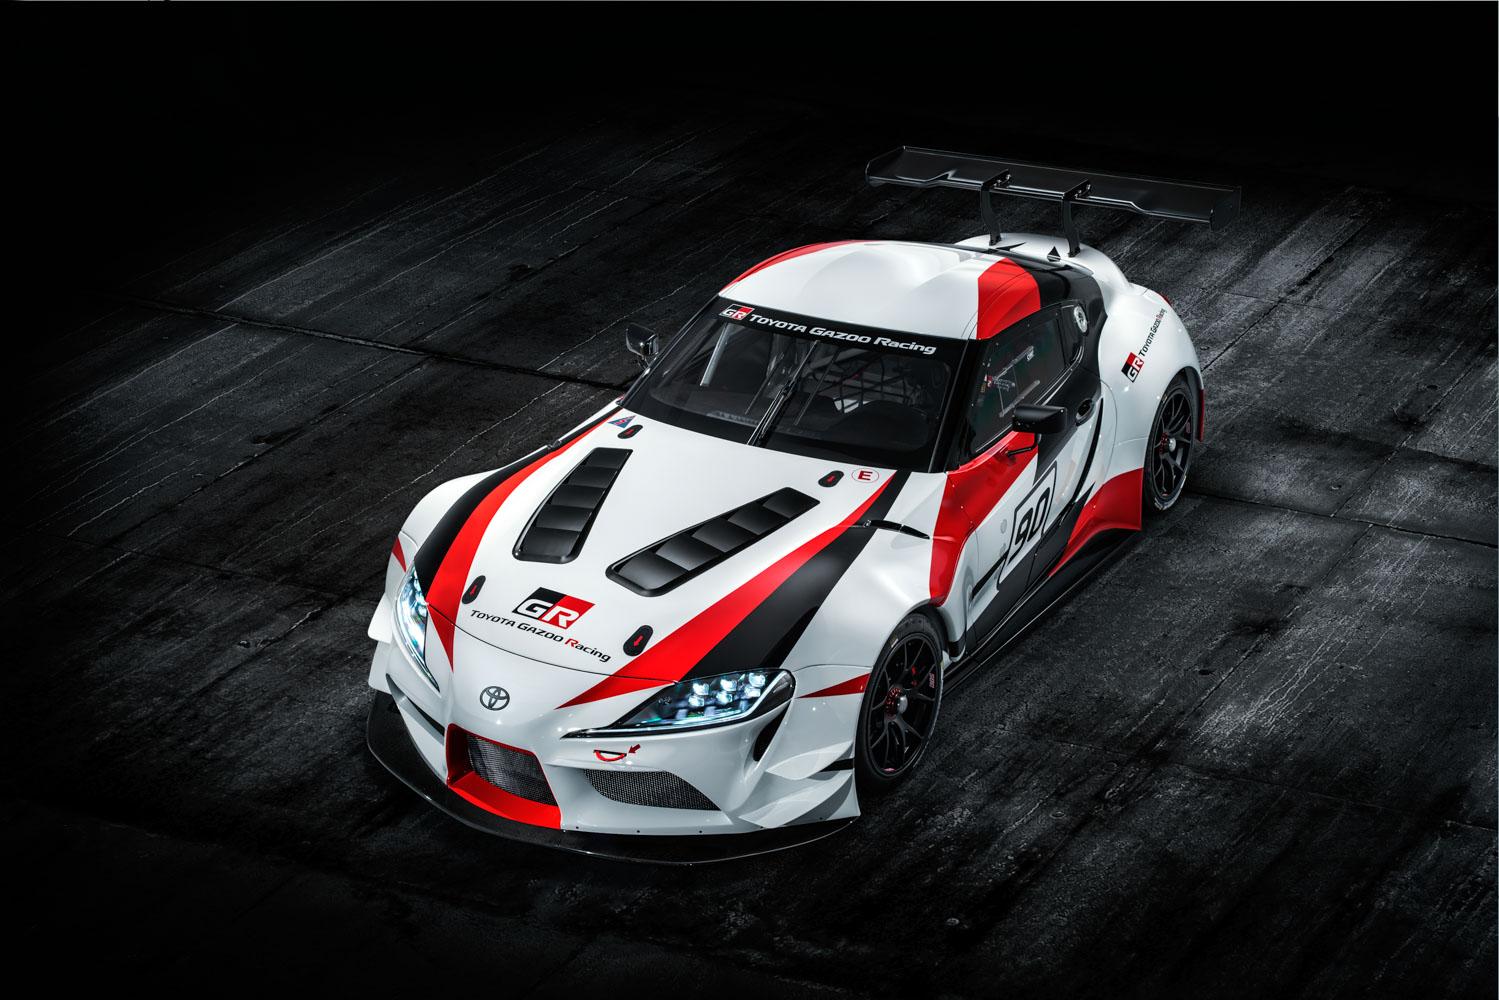 toyota-gazoo-racing-supra-concept_26793665518_o.jpg